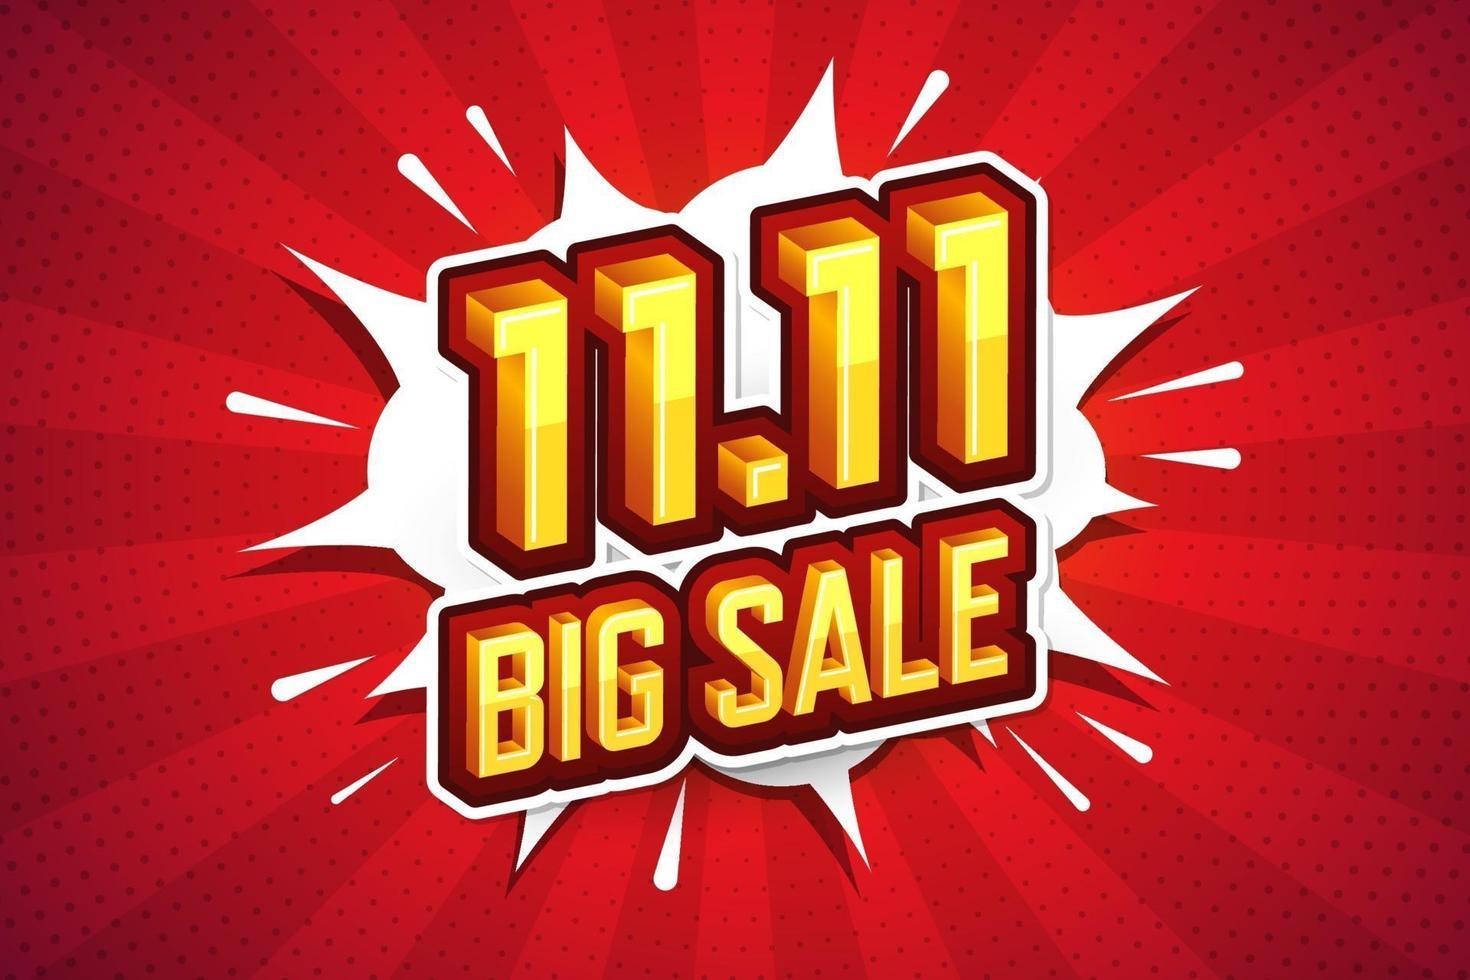 11. 11 grote verkoop lettertype expressie popart komische tekstballon. vector illustratie